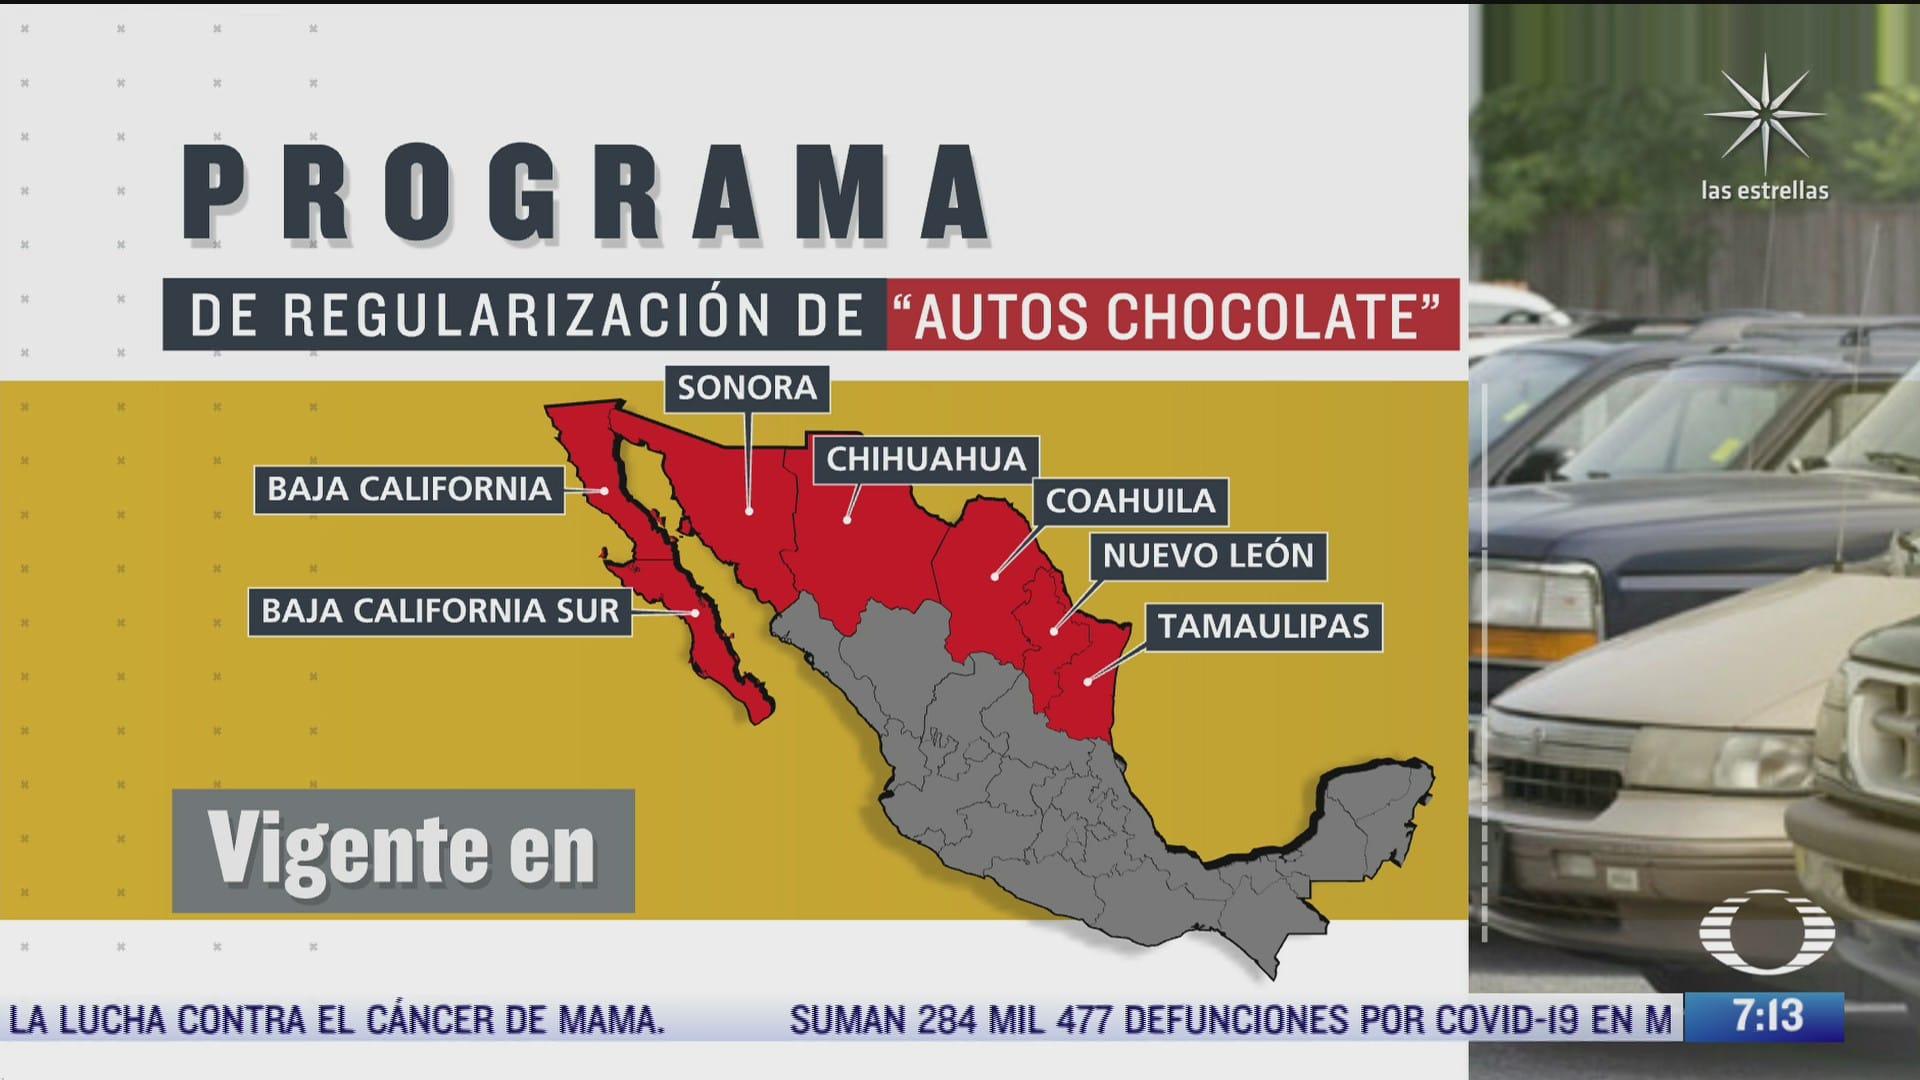 que dice el acuerdo publicado por el gobierno sobre los autos chocolate